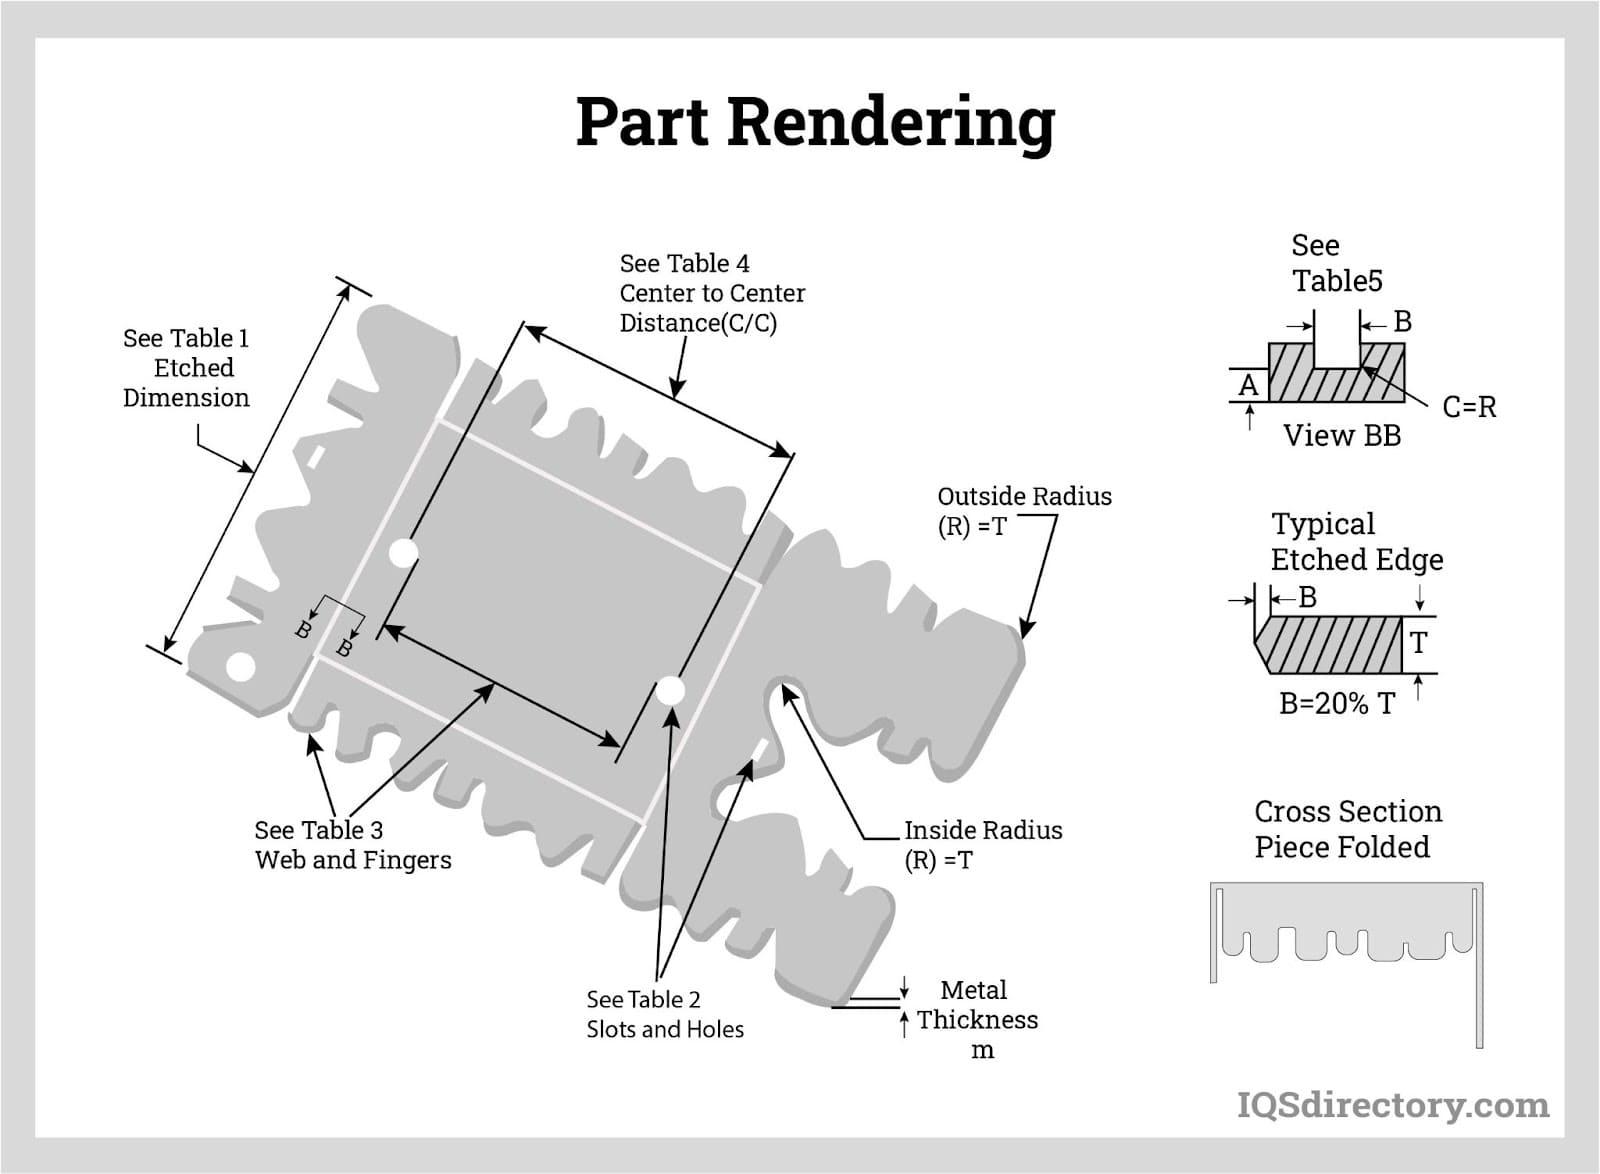 Part Rendering